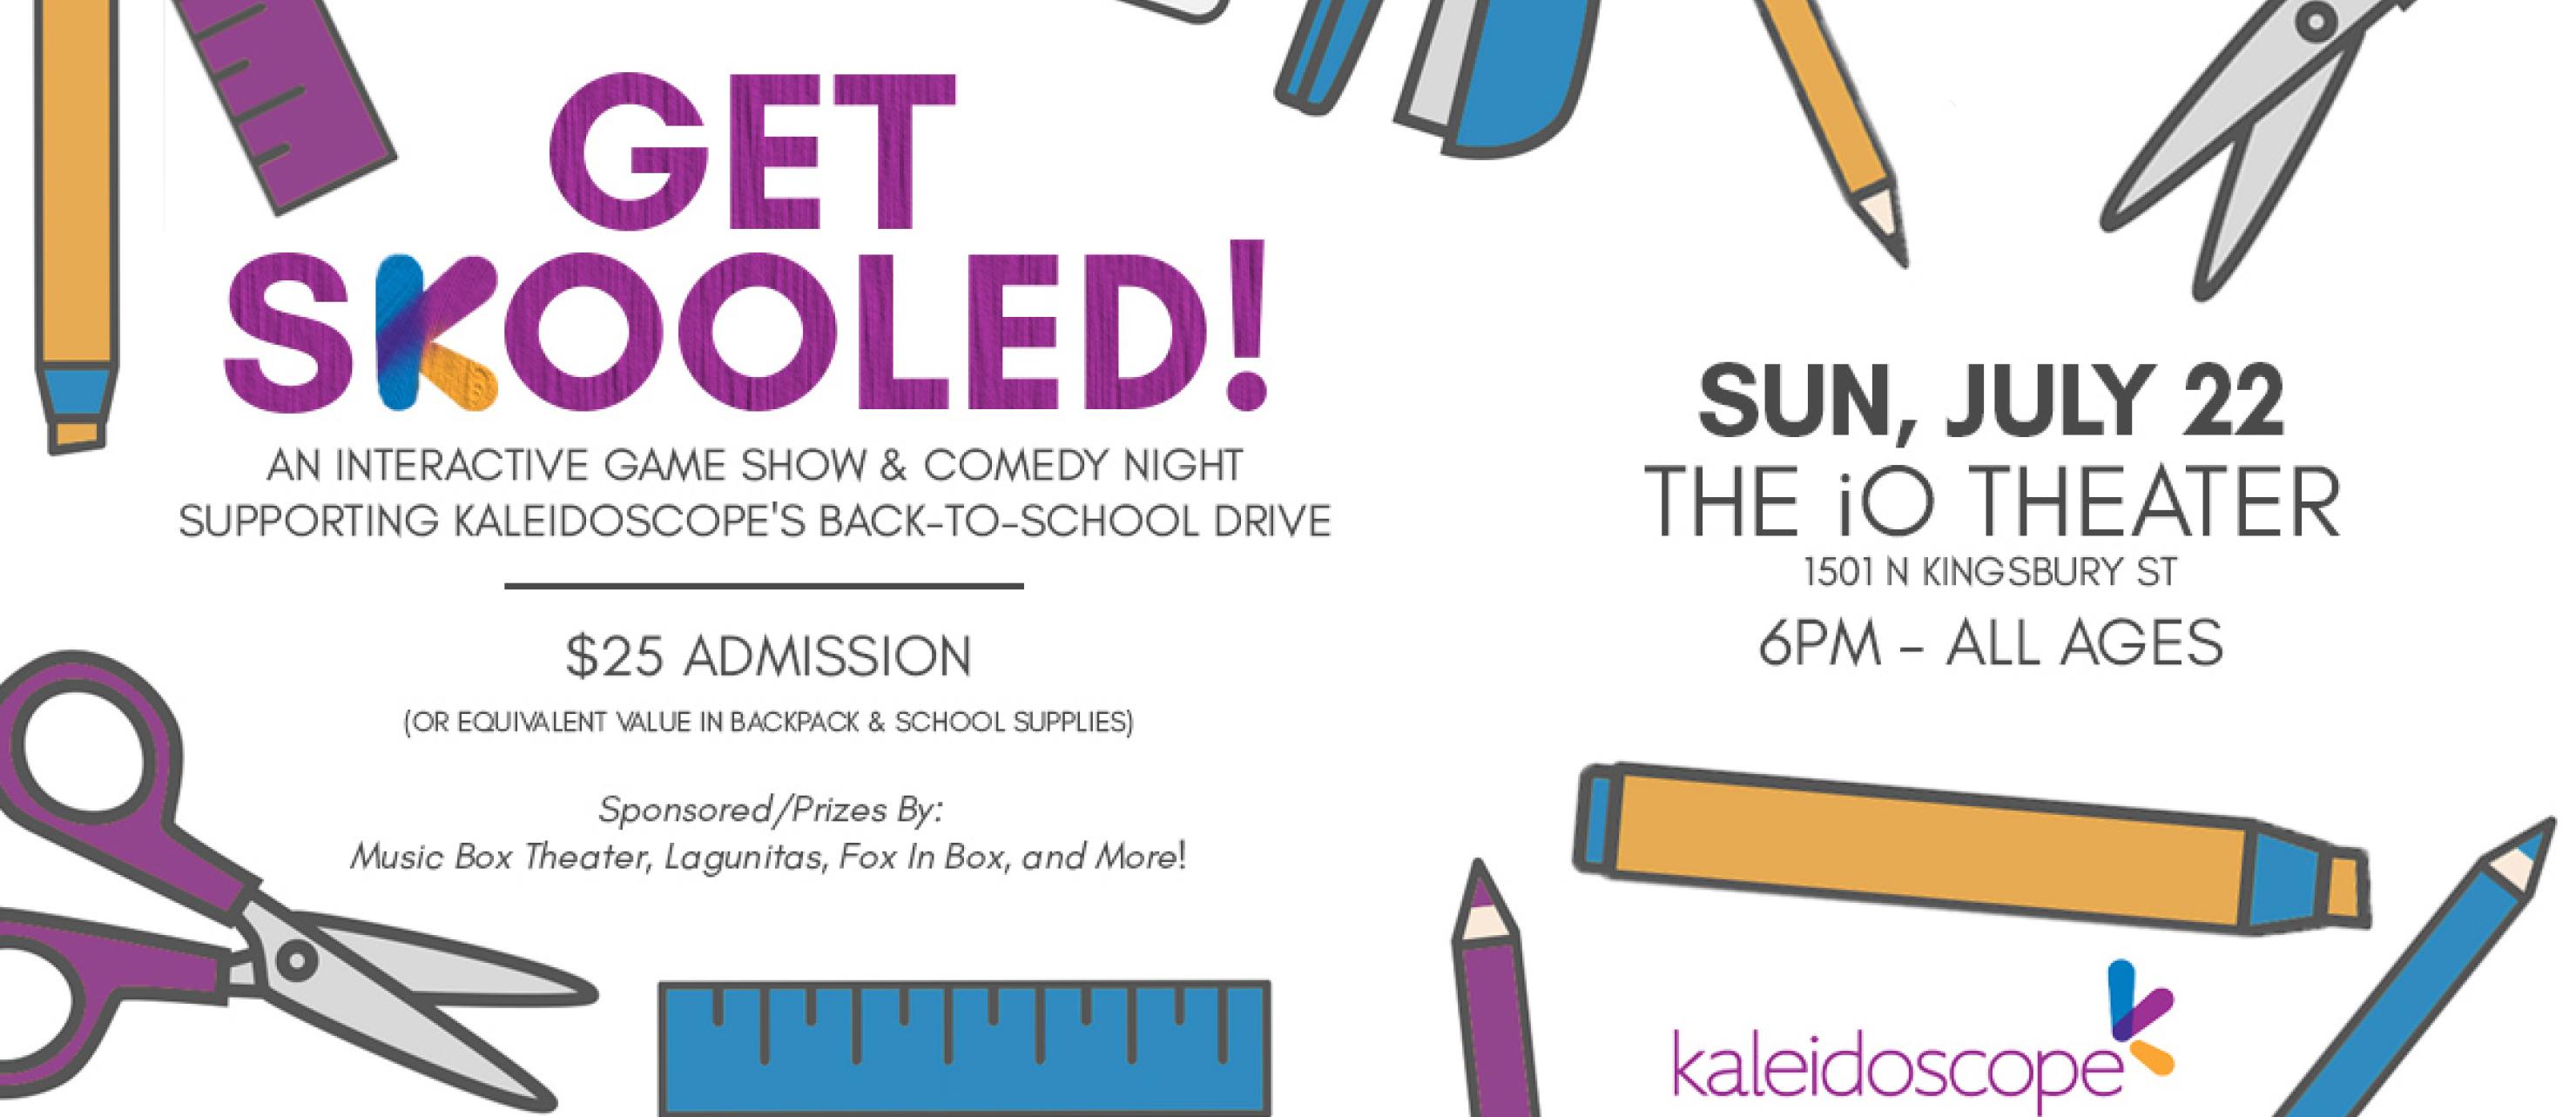 Kaleidoscope 4 Kids - Homepage Slider - Get Skooled